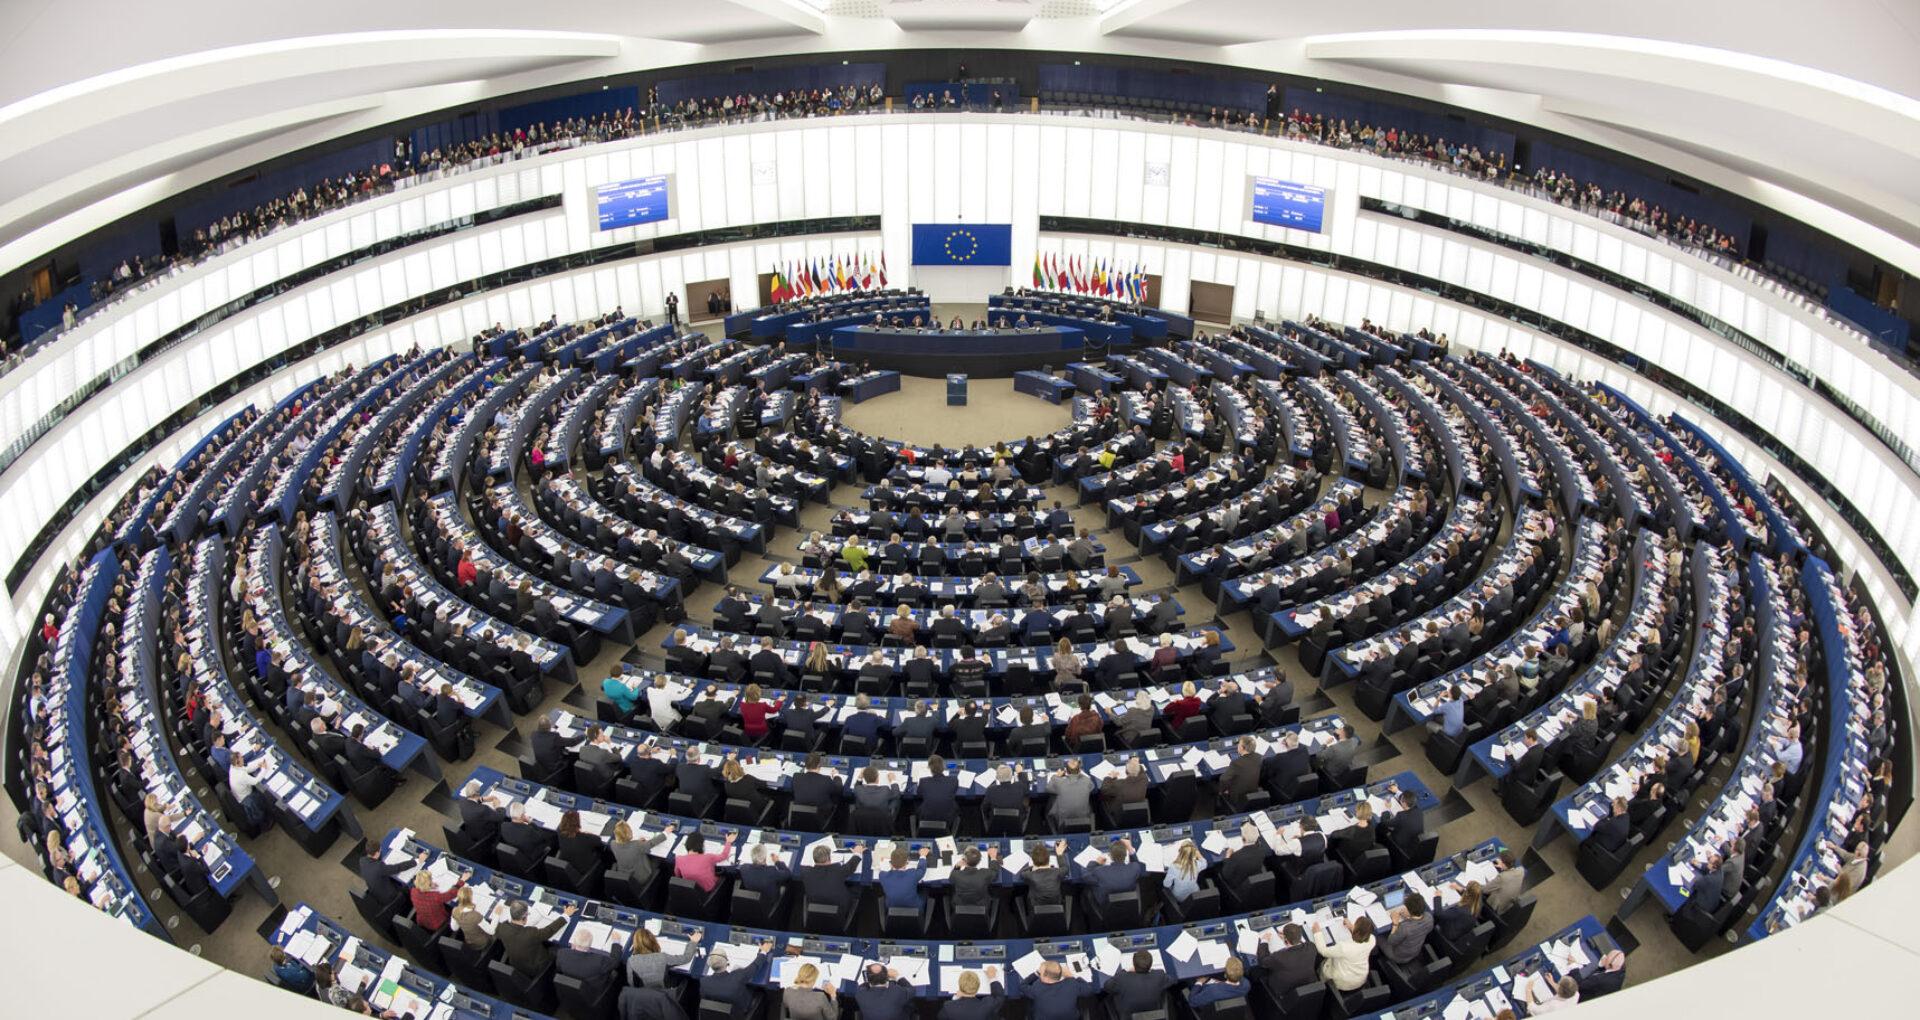 Europarlamentare 2019: Răspunde la 22 de întrebări și află ce partide se aliniază cu viziunile tale